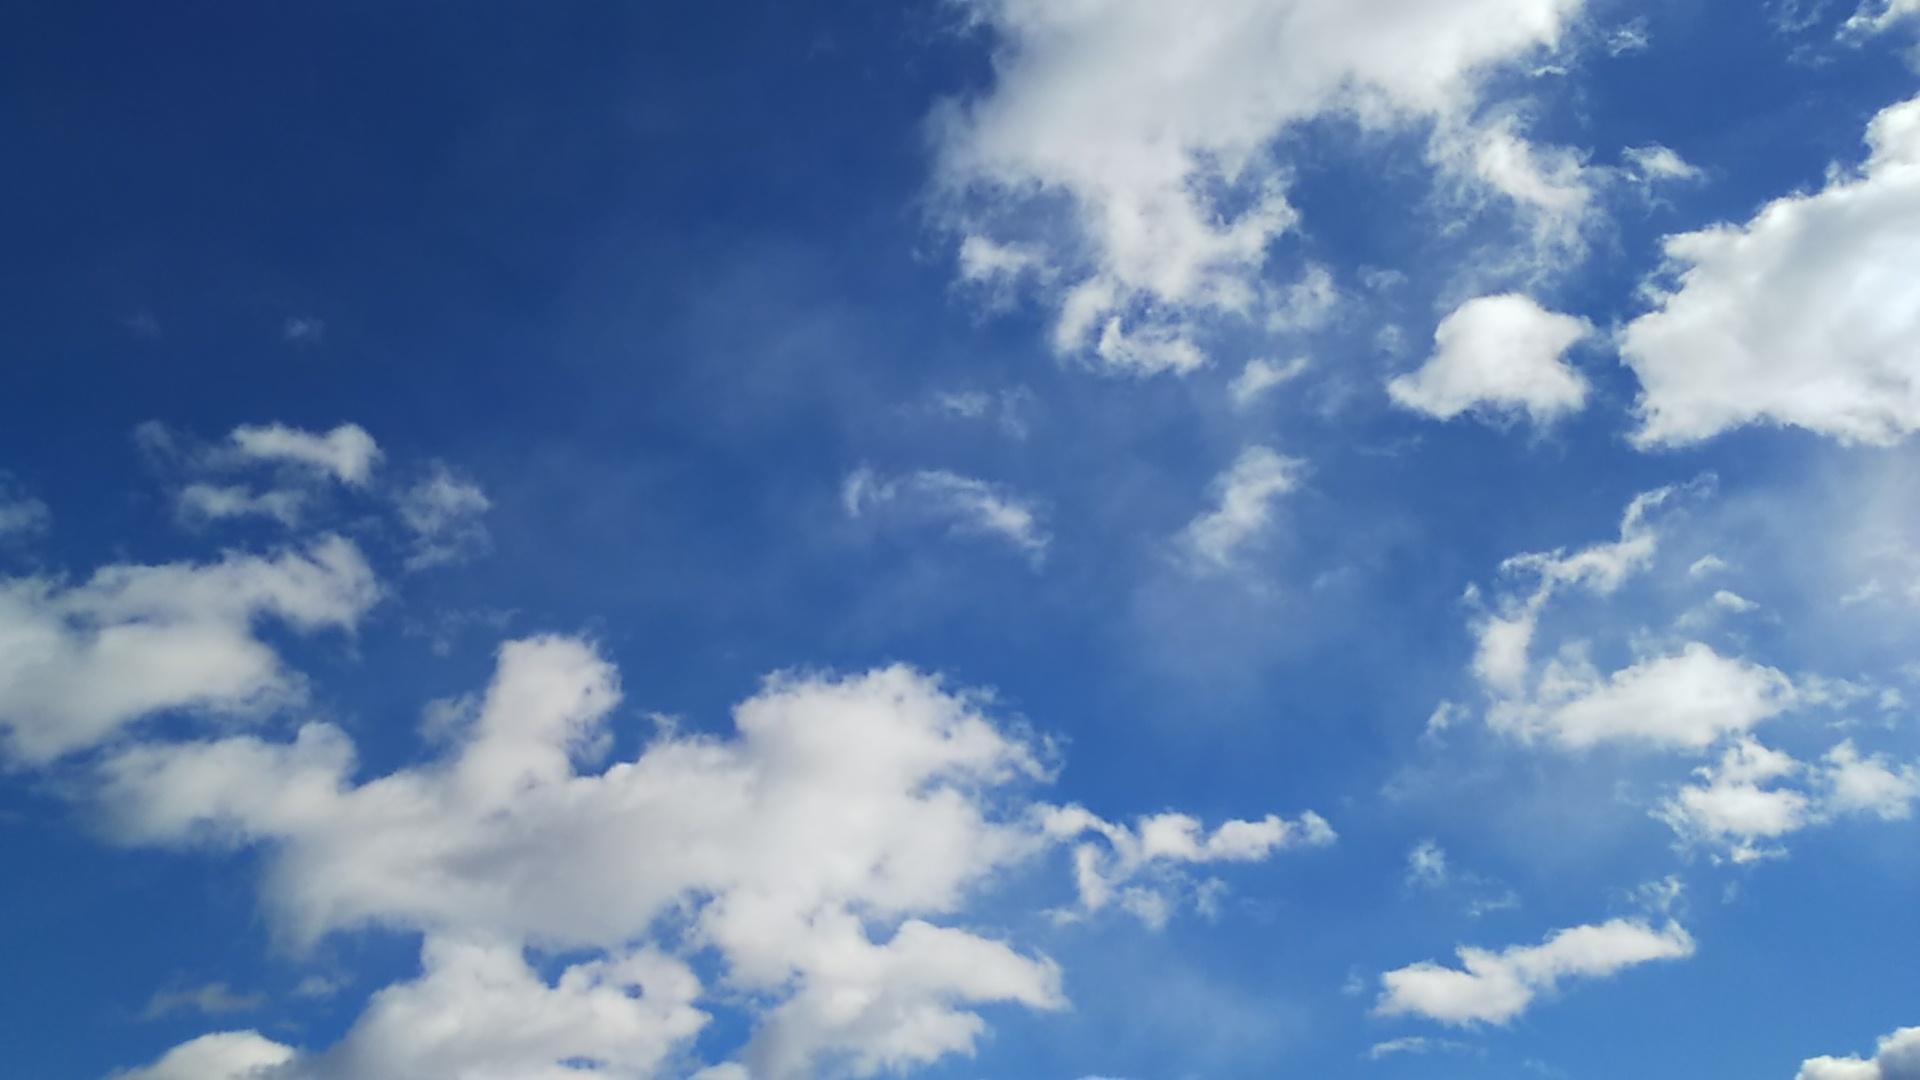 師走の空、光陰矢の如し。年の瀬を煽るように風に吹かれた雲が足早に訪れては去っていく。空模様もせわしない。